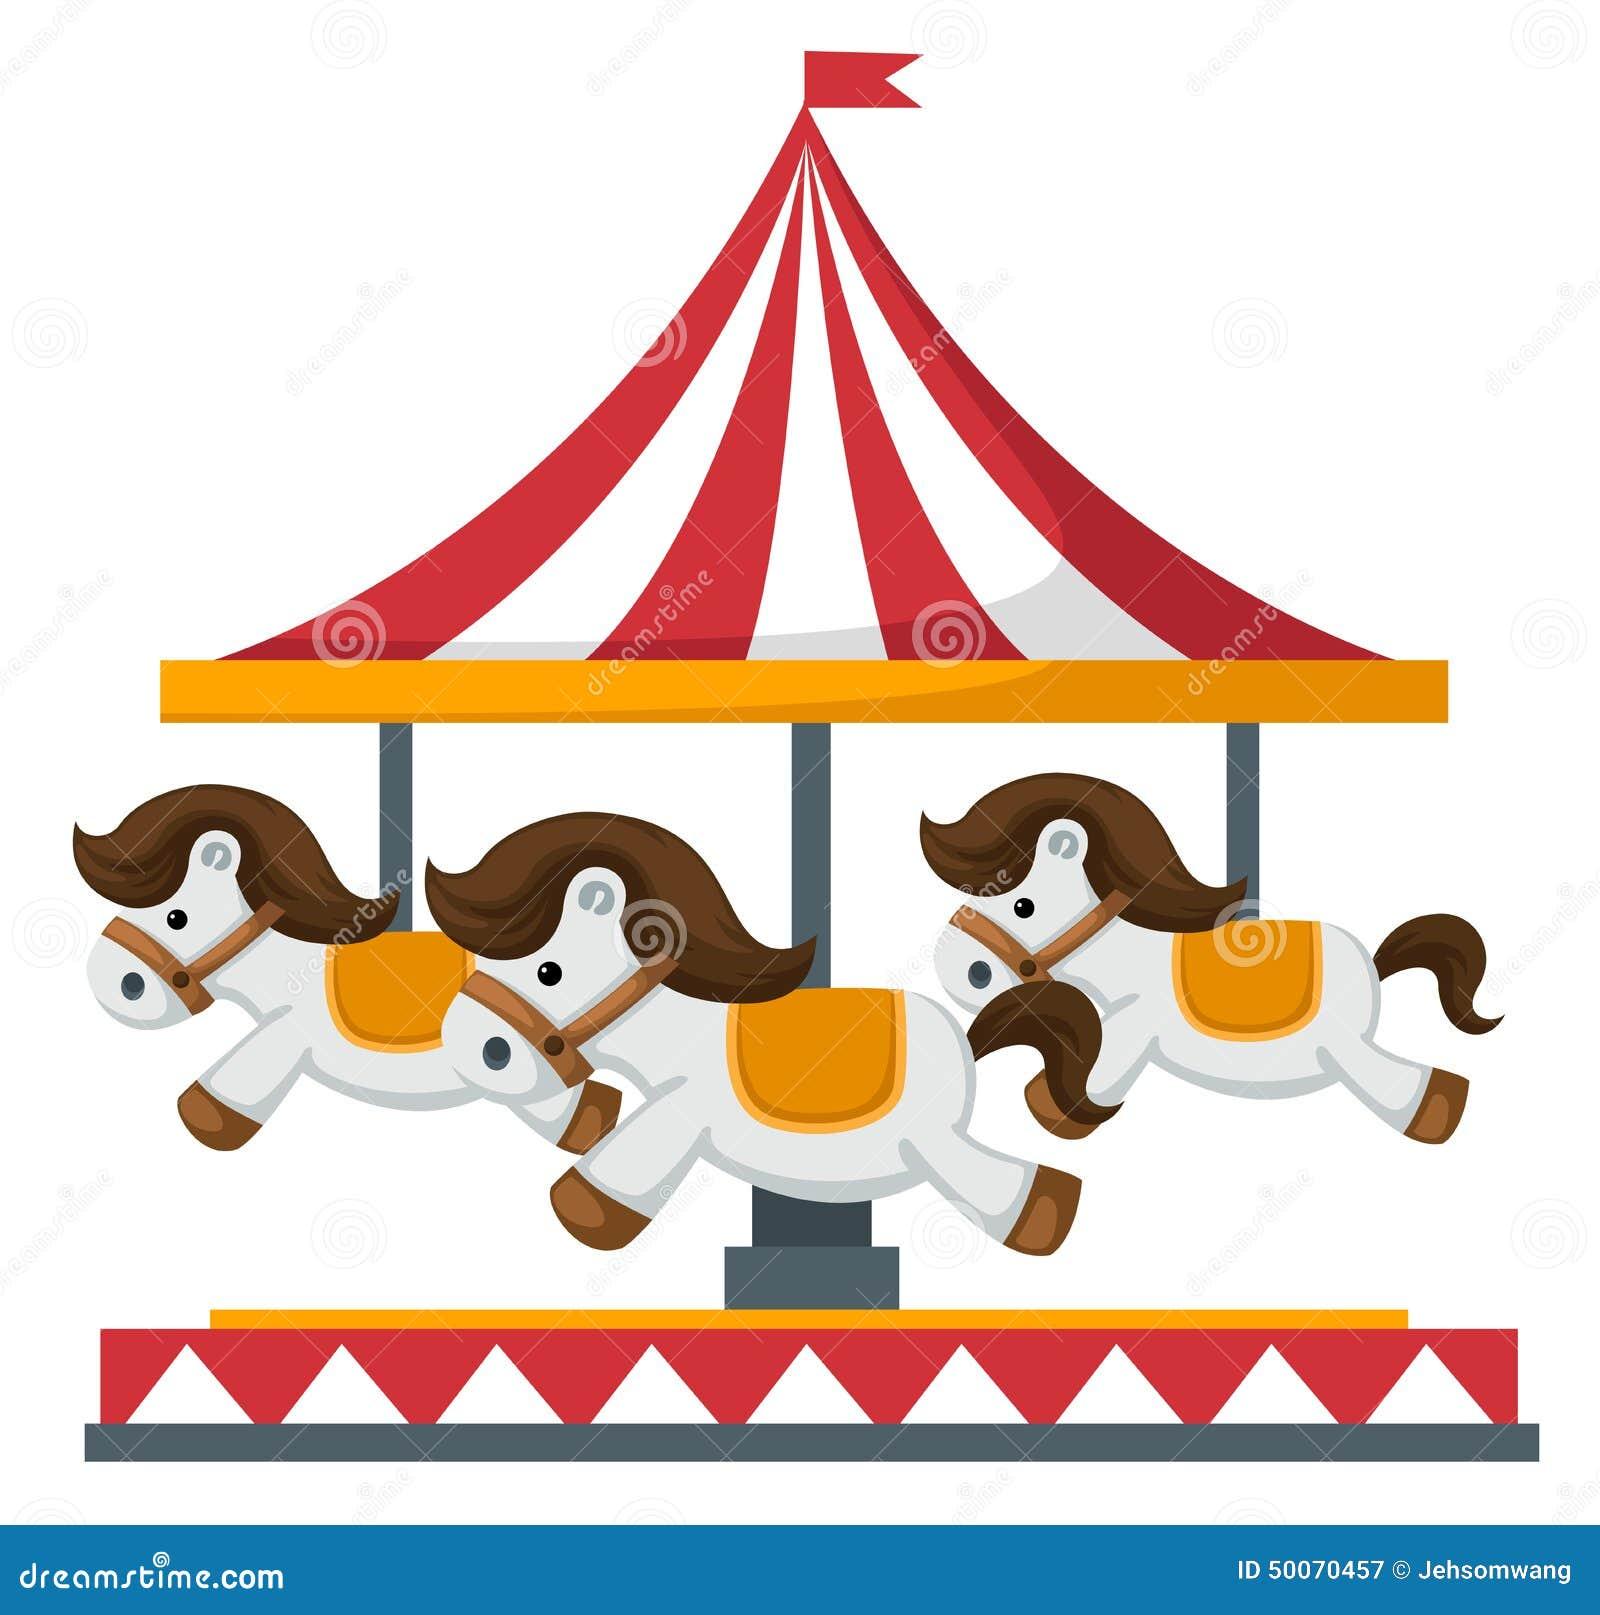 By Merigo Design: Vintage Merry-go-round Carousel Vector Stock Vector